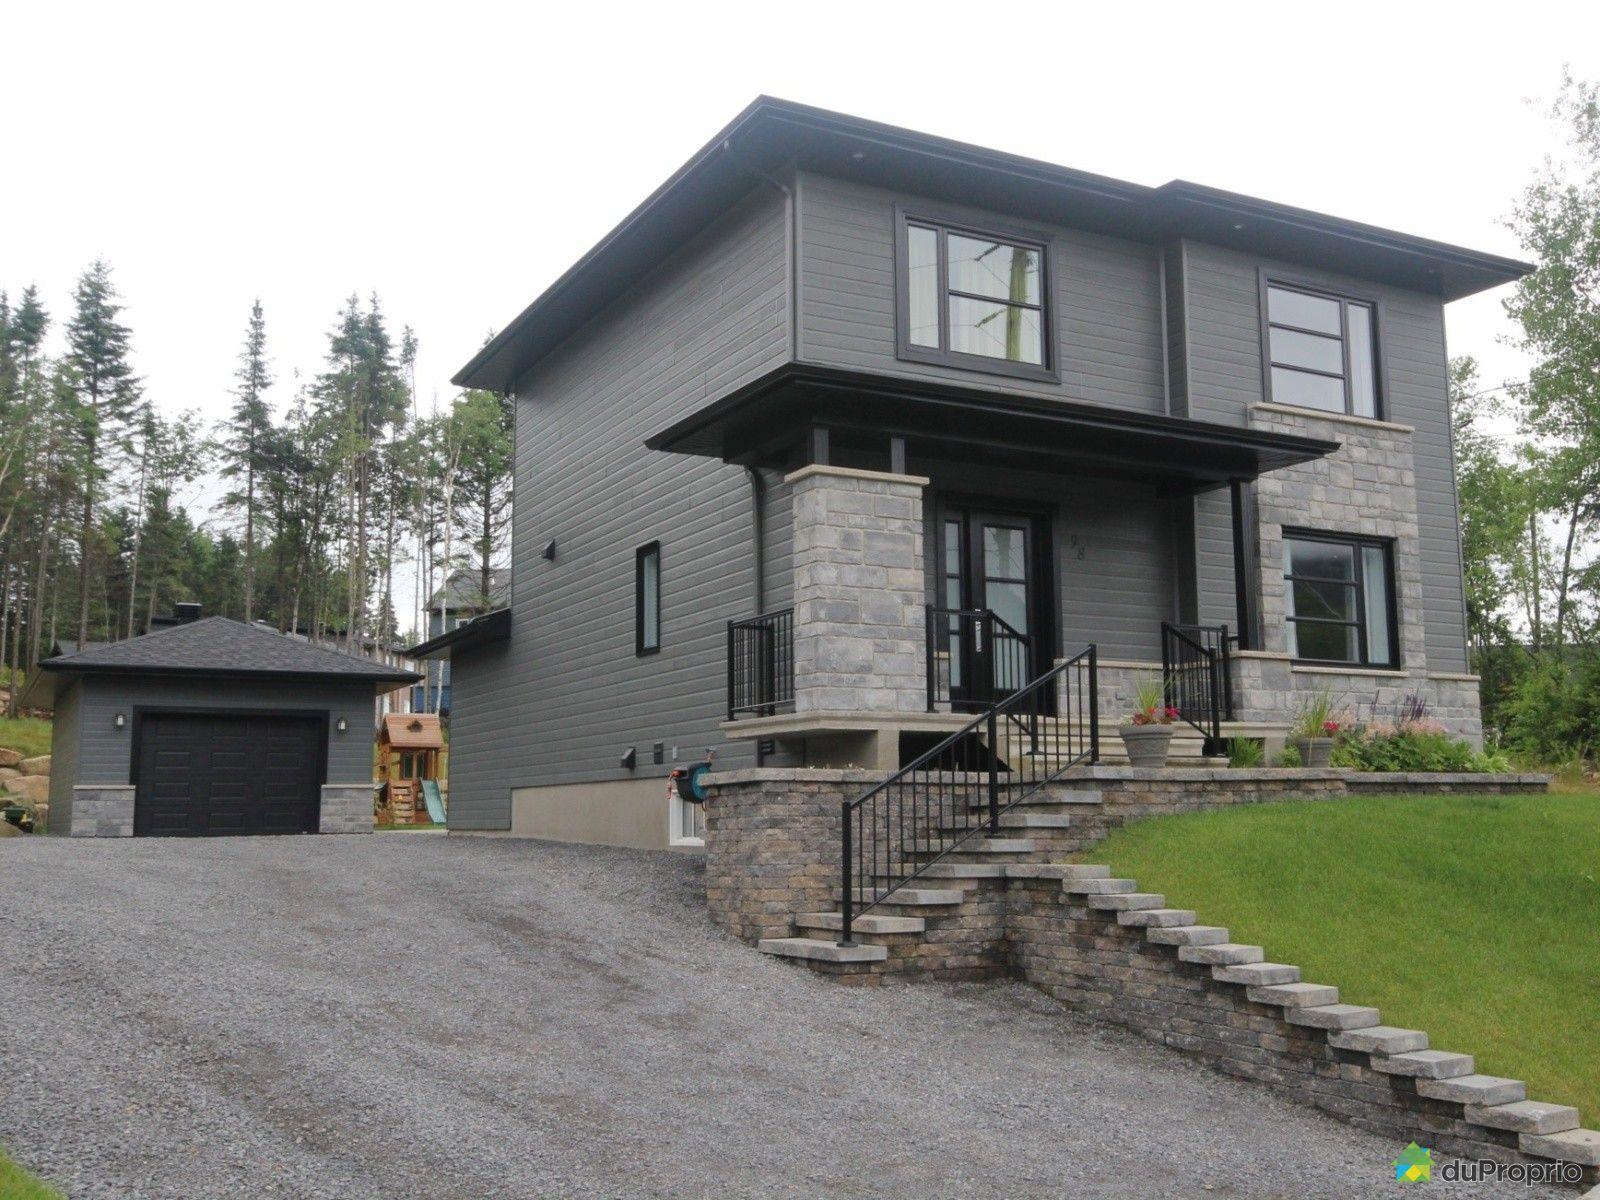 Maison Moderne Avendrelaval – Chaios.com